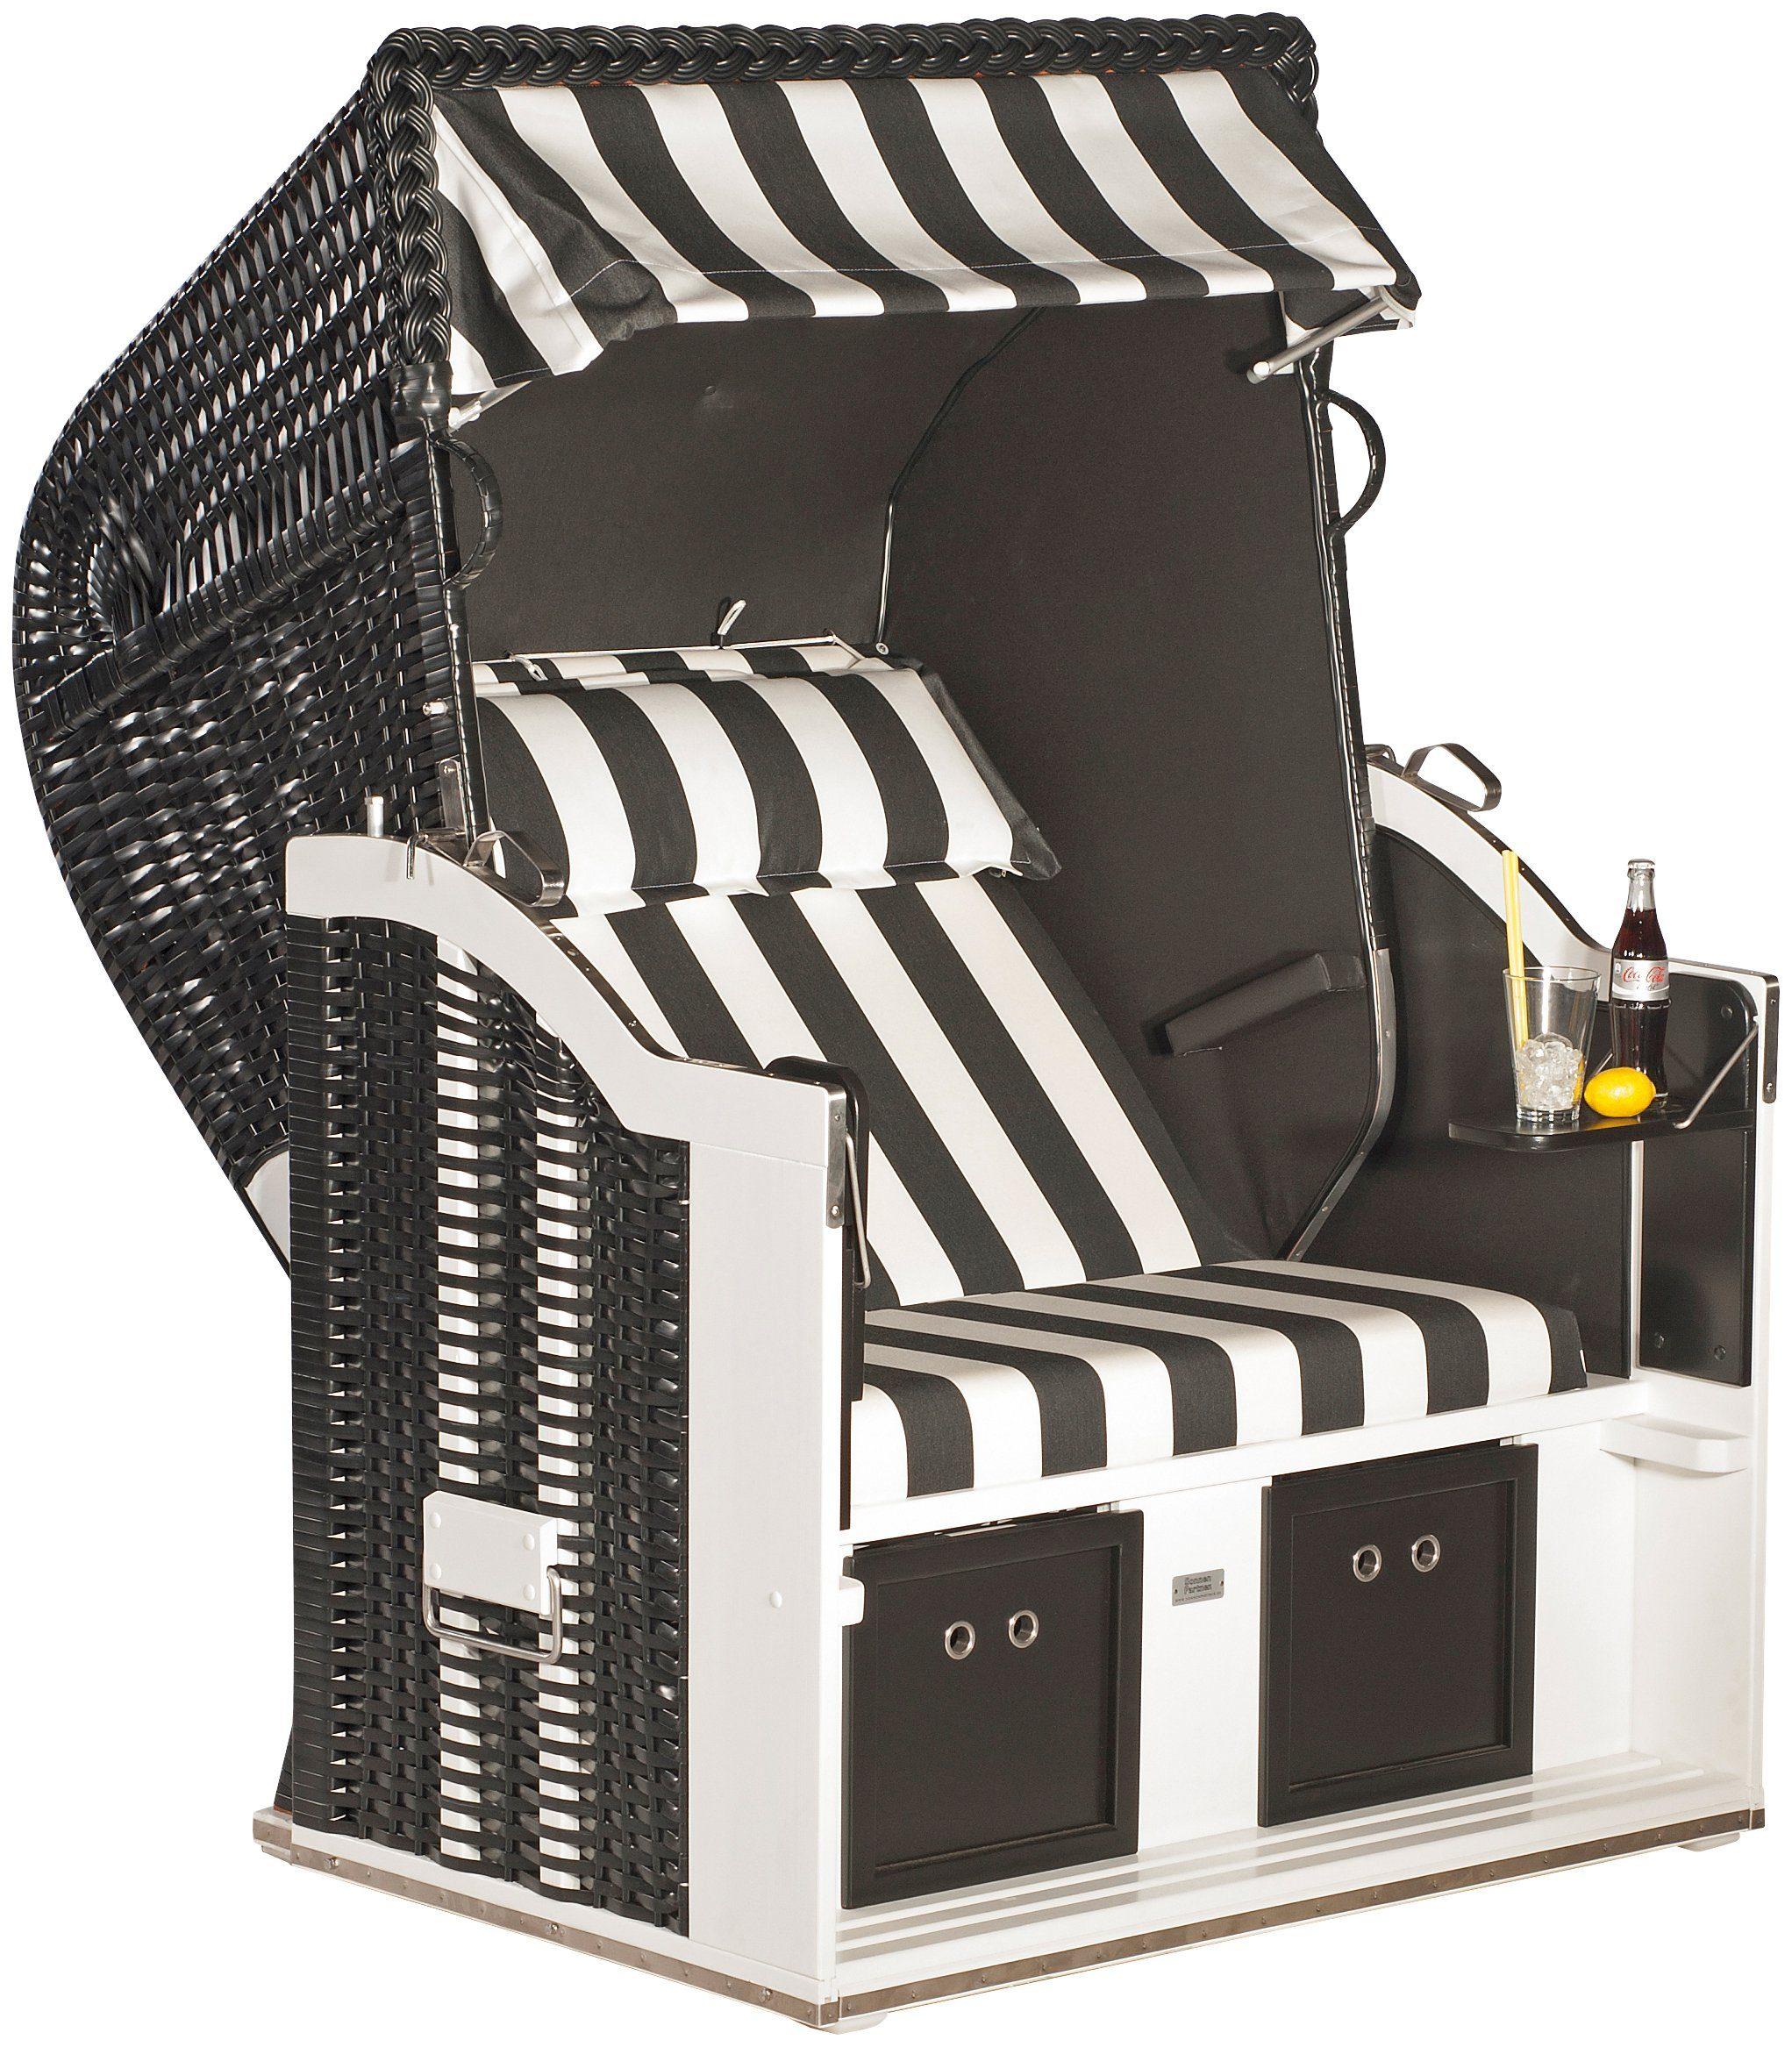 SONNEN PARTNER Strandkorb »Classic Special Edition black&white«, B/T/H: 130/90/160 cm, schwarz/weiß